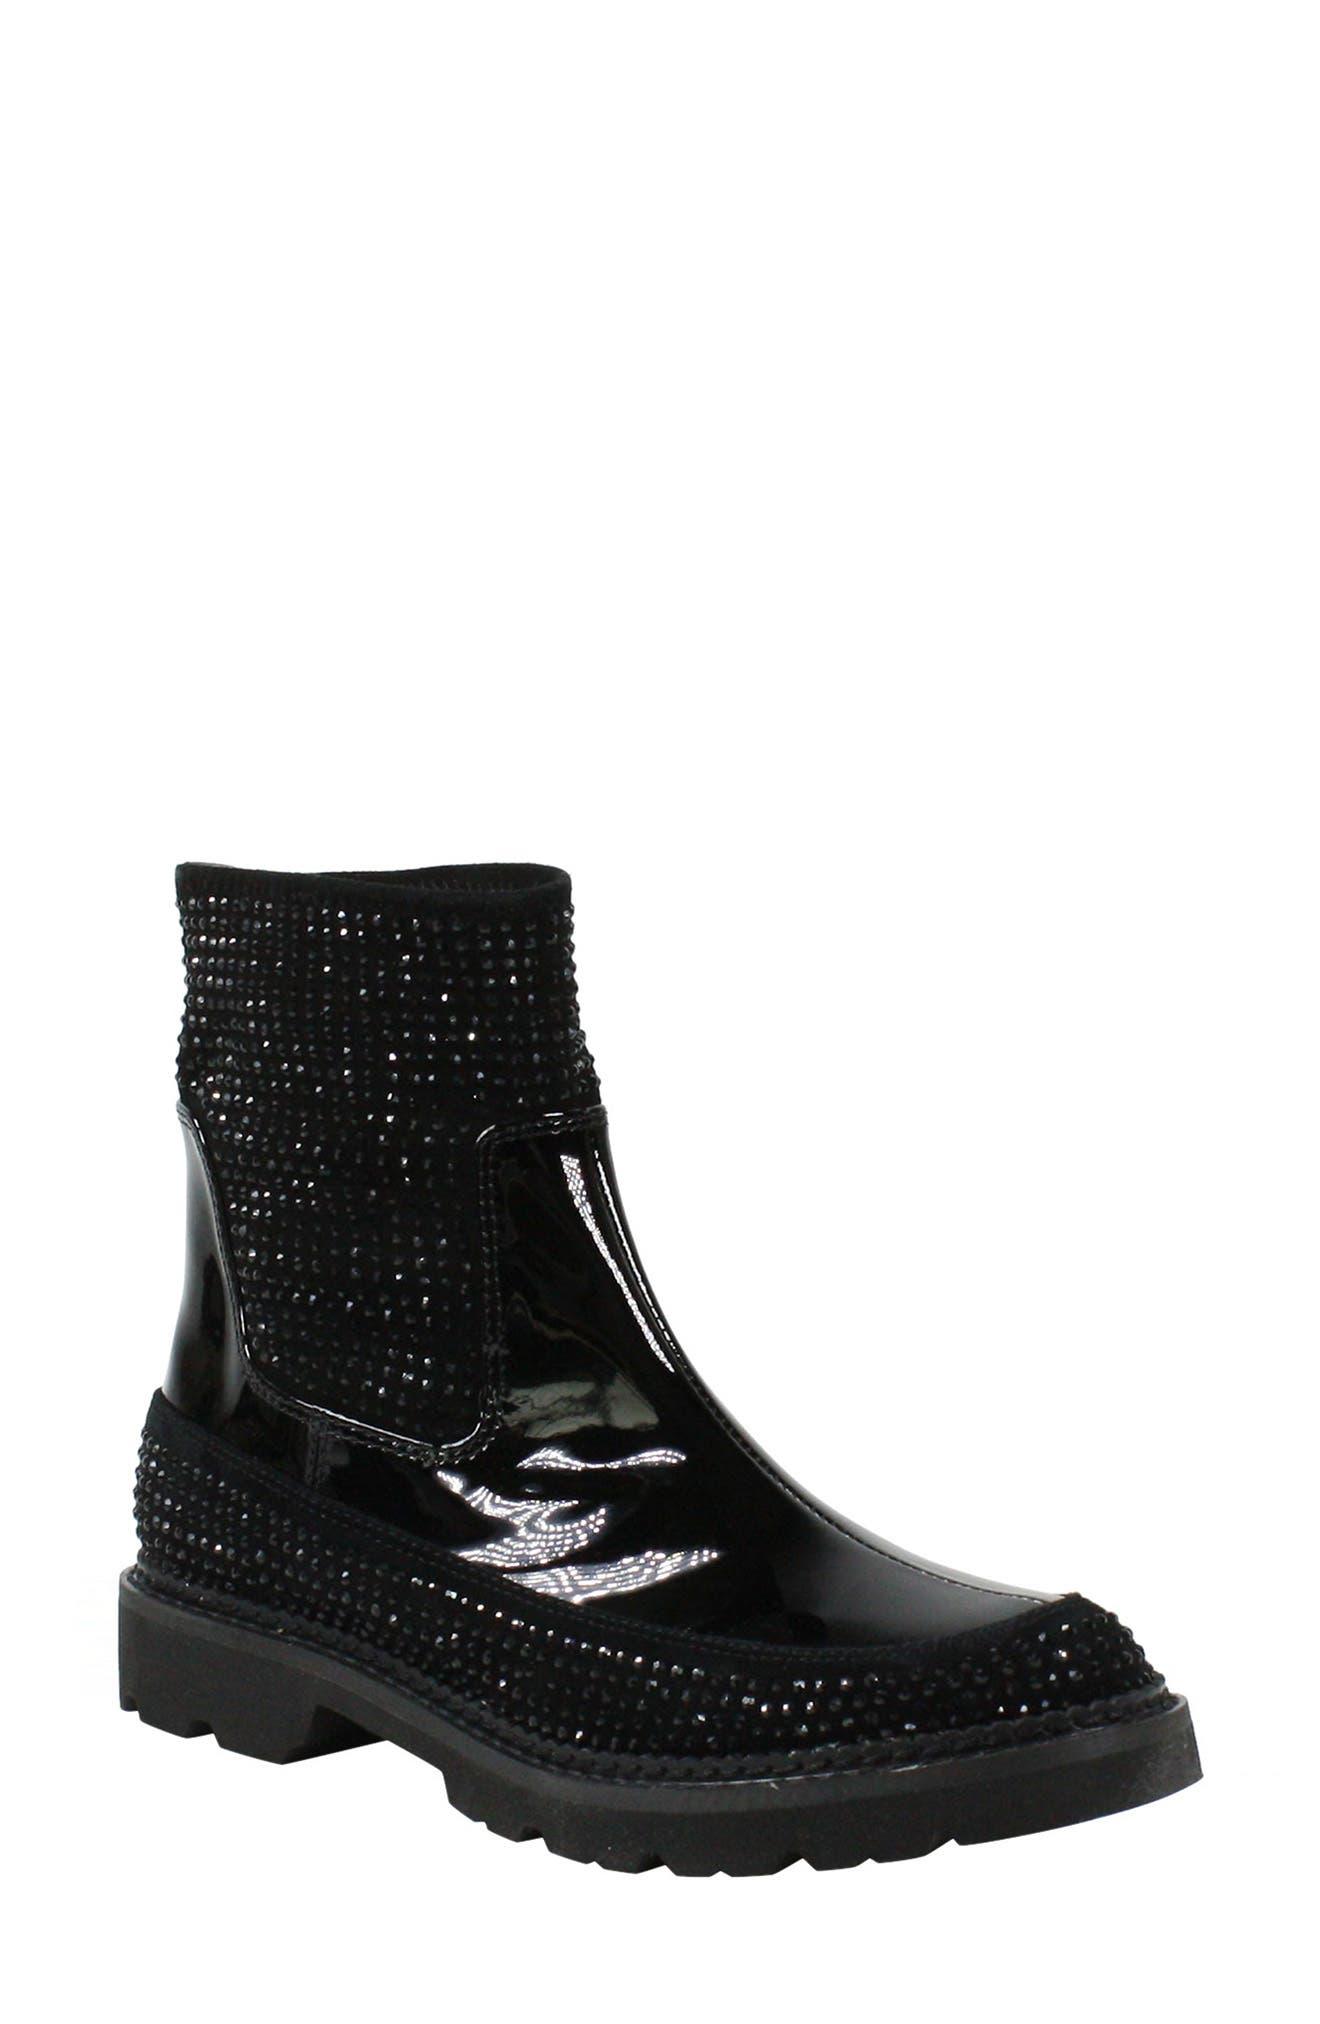 Riika Embellished Boot